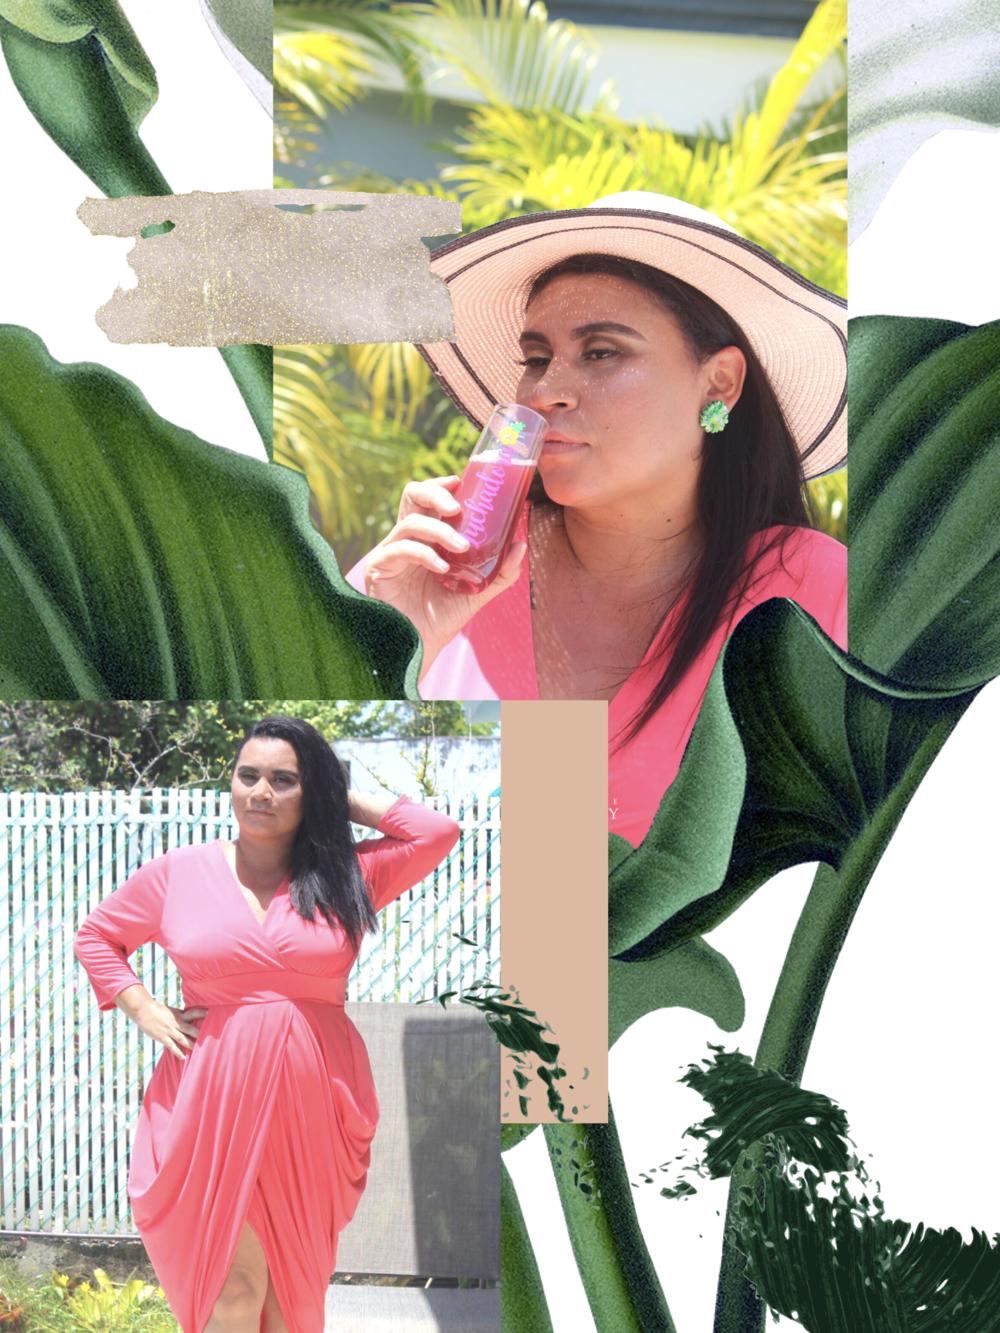 Melissa - Cuñada de Alana - Francisca + Boutique  |  Gleeful Designs | Soleo PR |  Kleüre Cosmetics |  Makeup by Beth